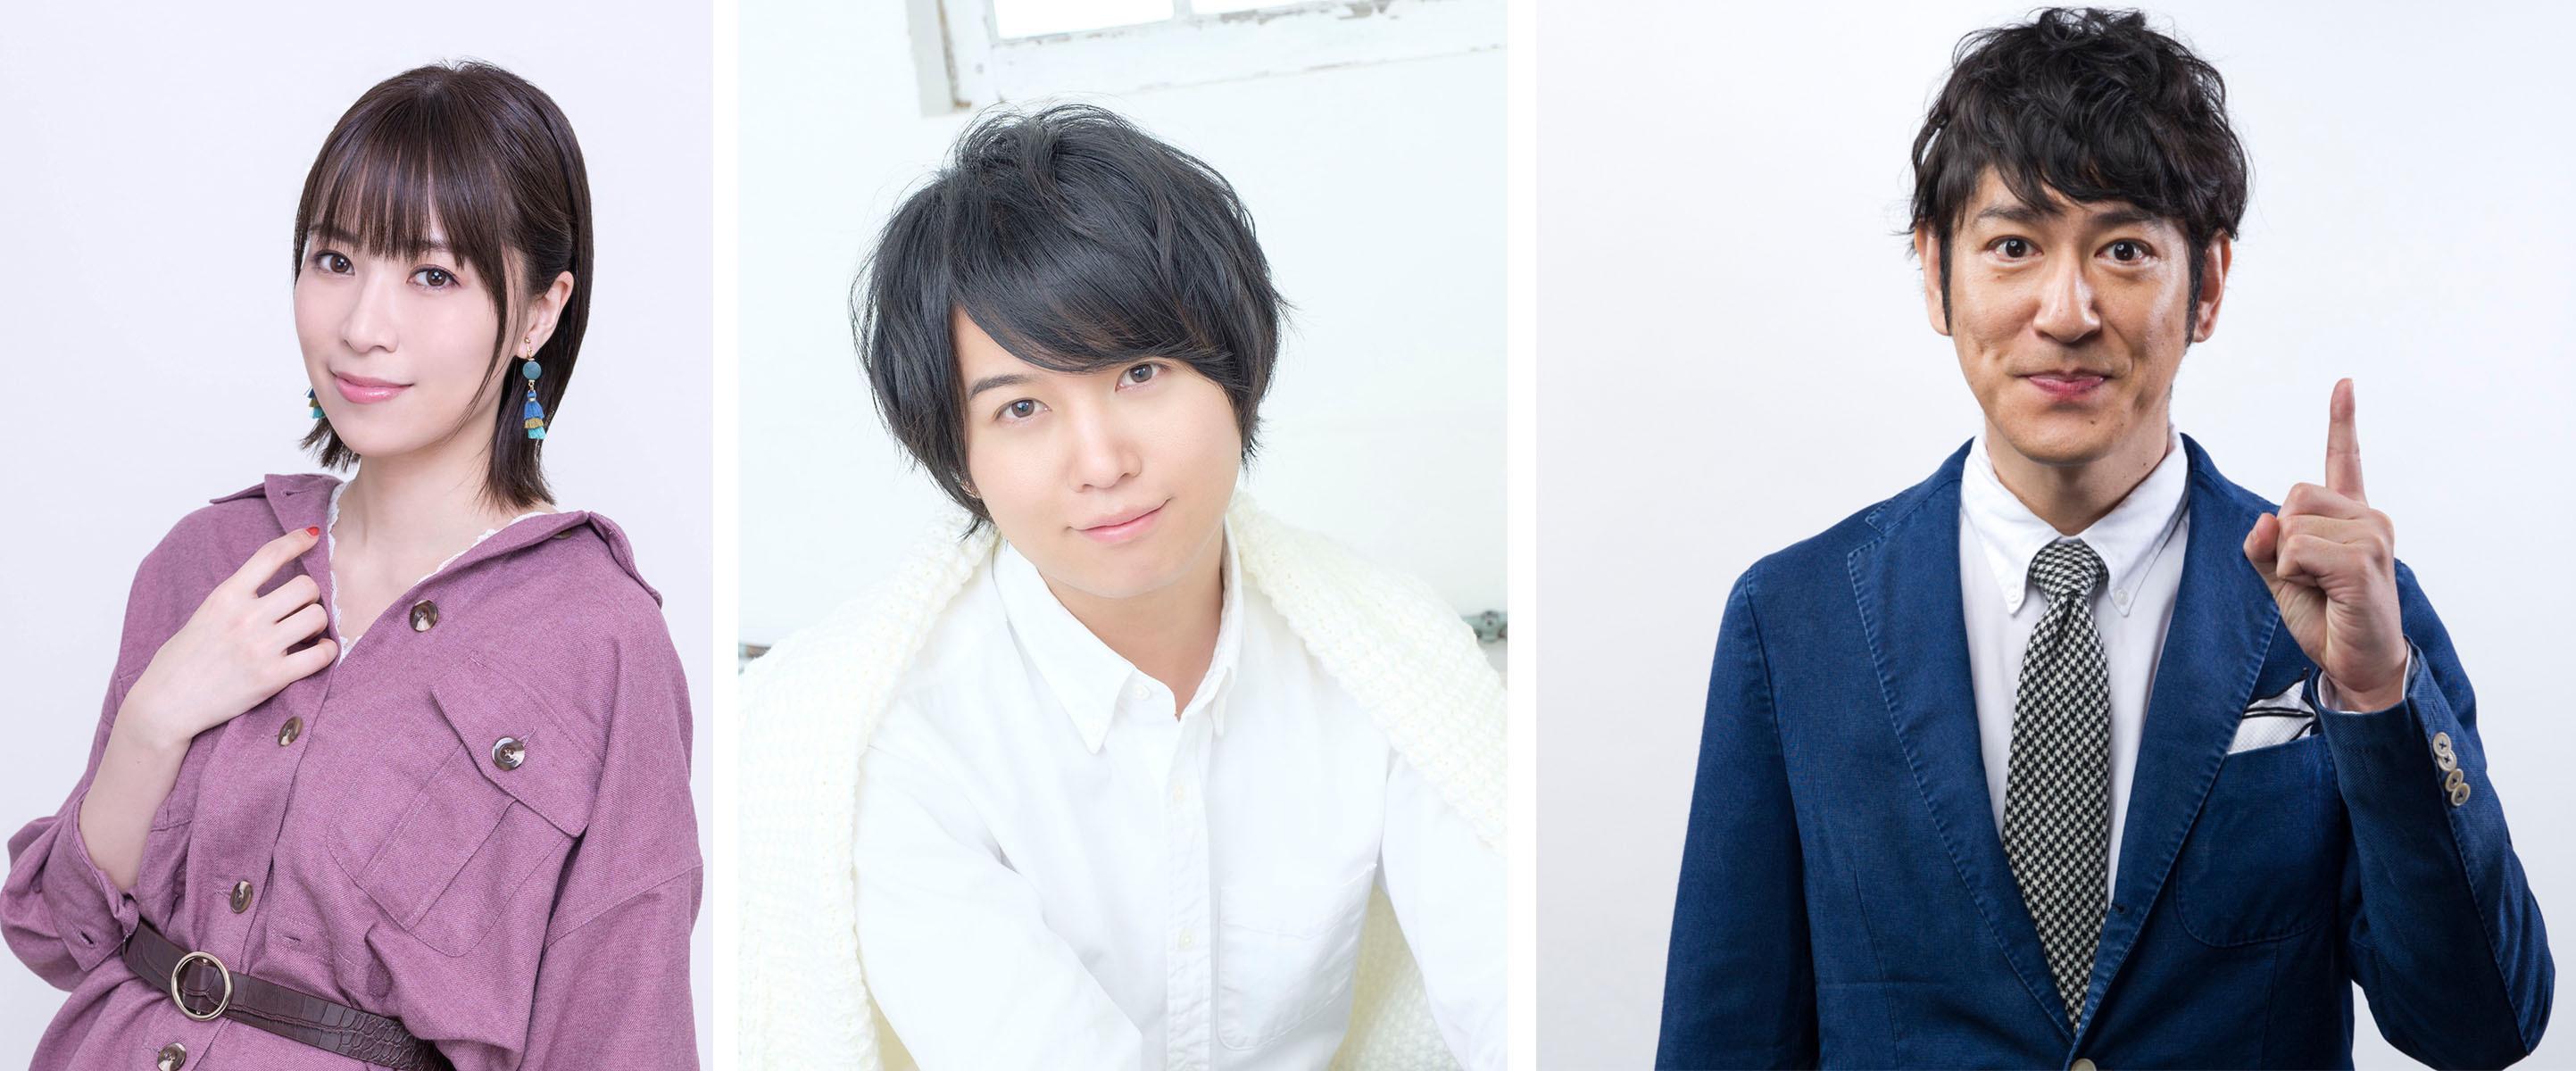 青木瑠璃子、斉藤壮馬、田中直樹